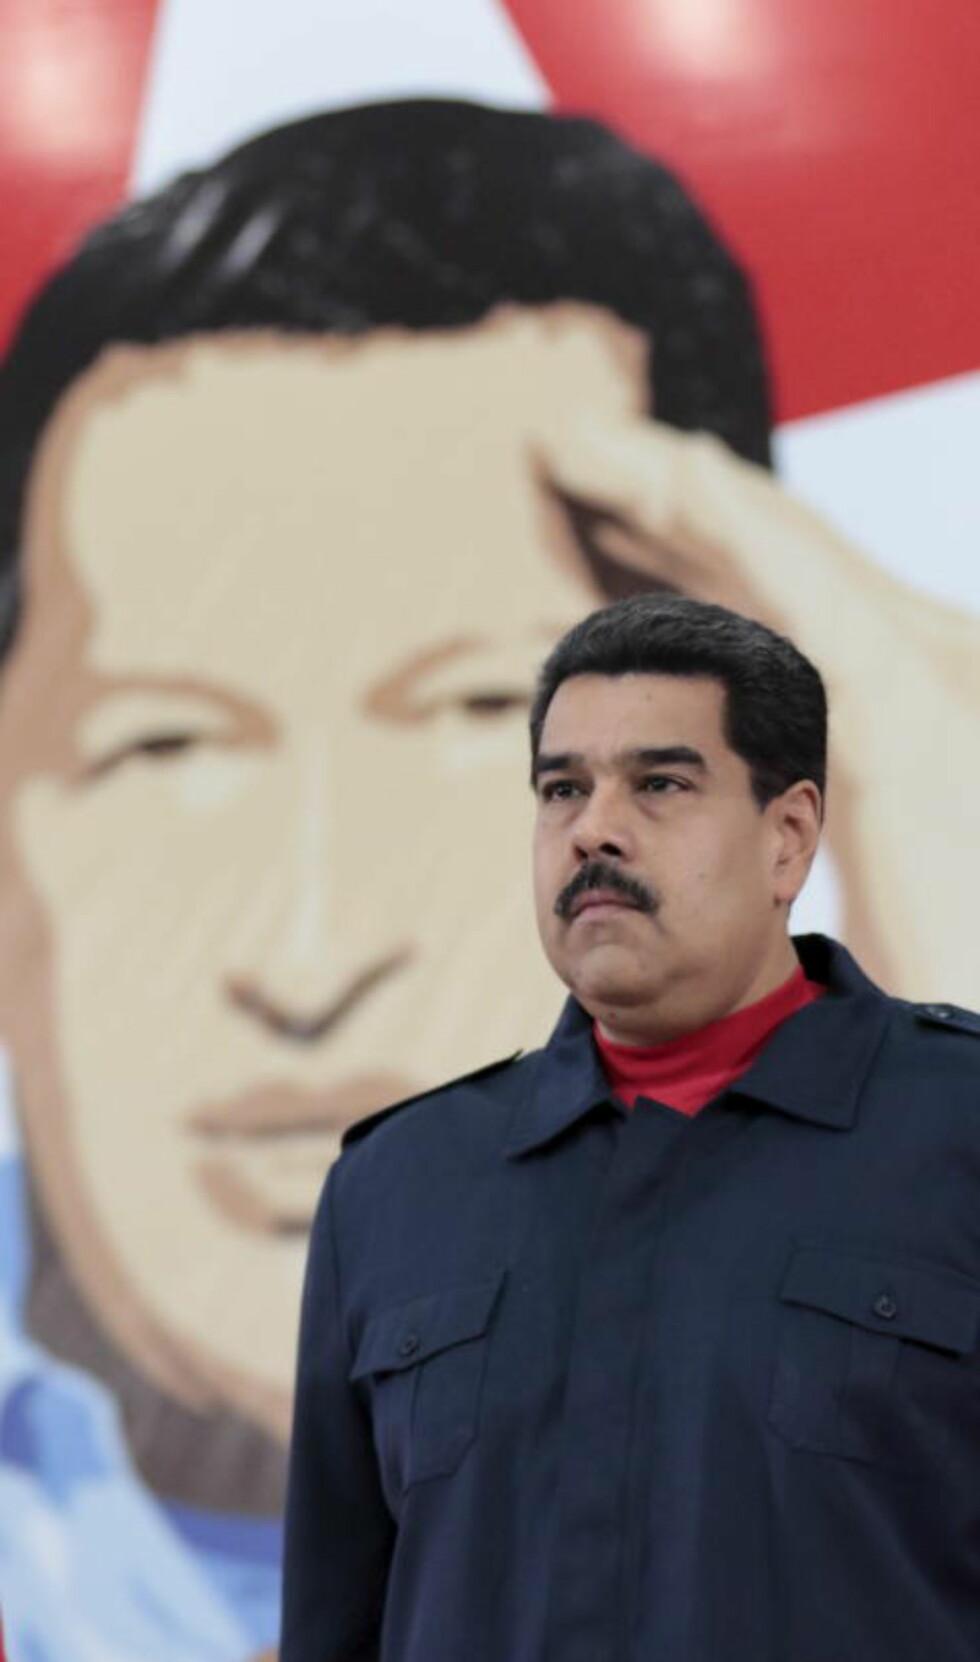 I CHAVEZ' SKYGGE: Venezuelas president Nicolas Maduro foran et portrett av Hugo Chavez. Chavez var stort sett en populær president fra han tiltrådte i 1999 fram til han døde i 2013. Etterfølgeren Maduro har aldri vunnet folkets gunst. Foto: REUTERS/Miraflores Palace